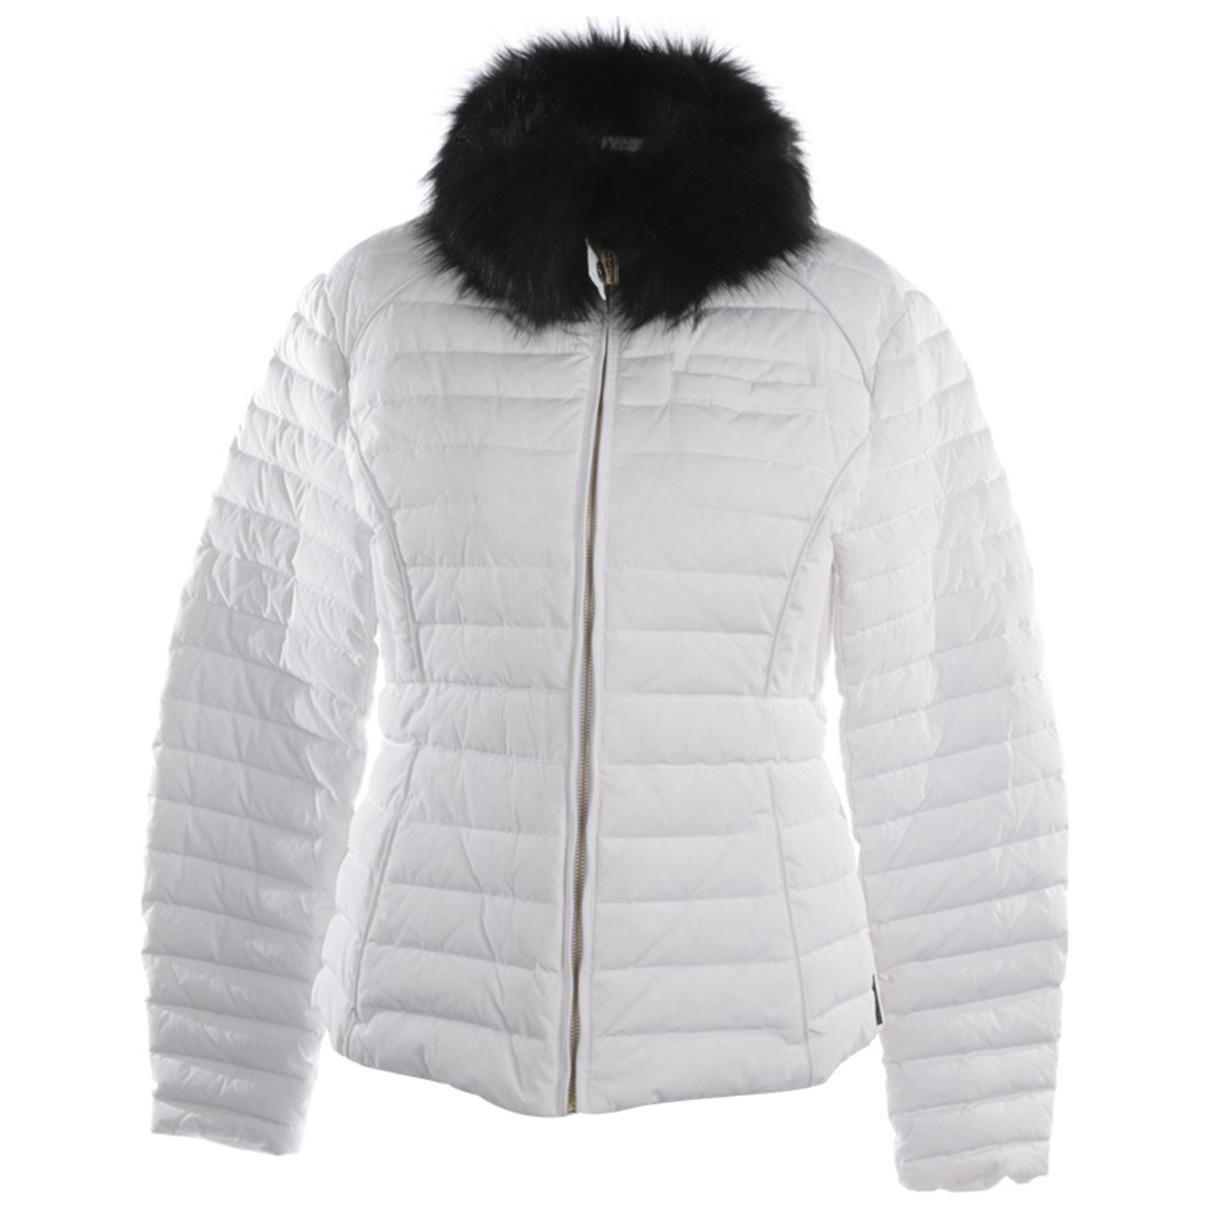 Hunter \N White jacket for Women L International